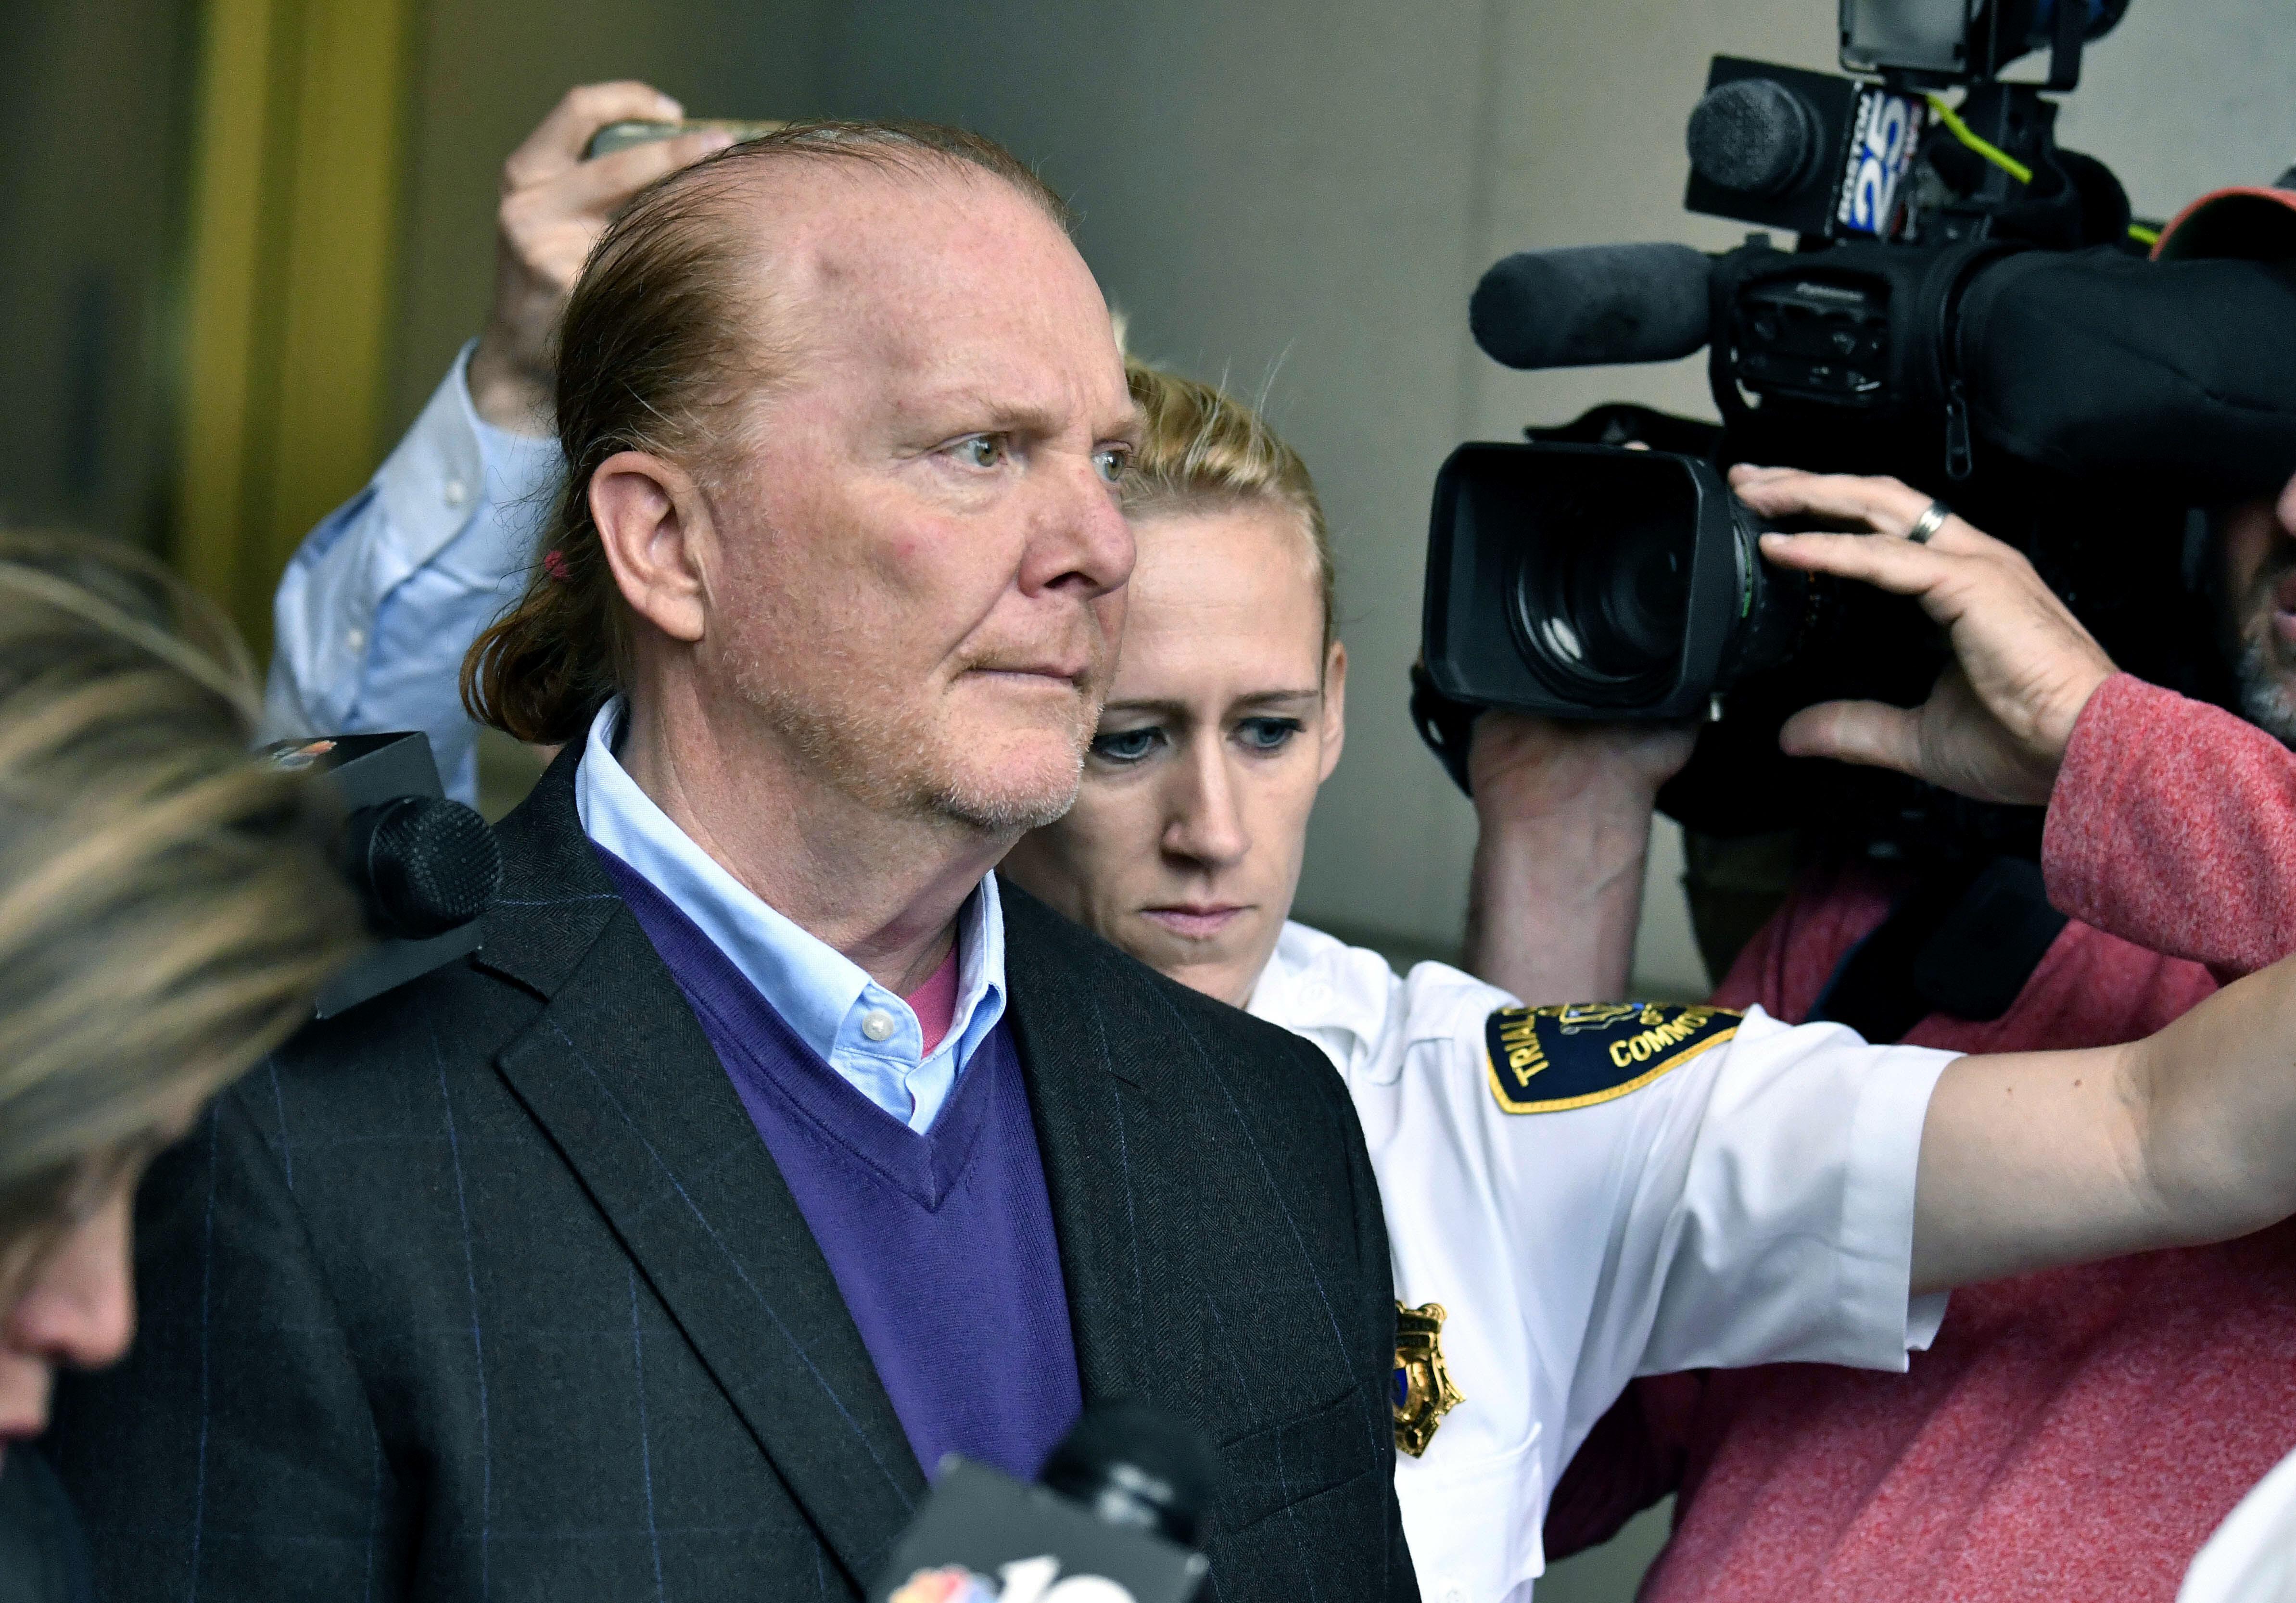 Hearing held in Mario Batali's indecent assault case